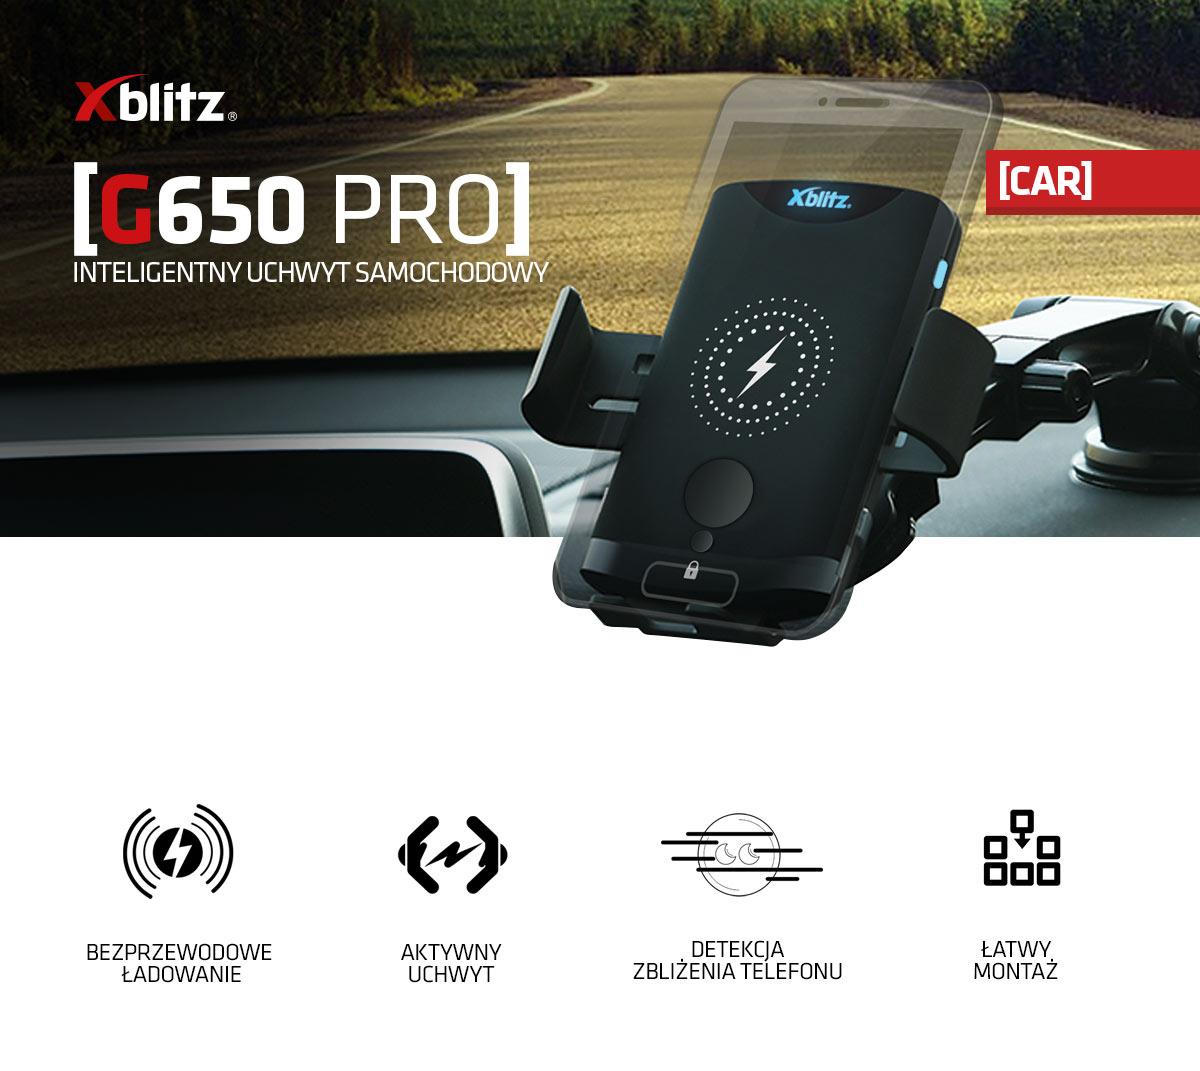 Magnetyczny uchwyt samochodowy Xblitz g650